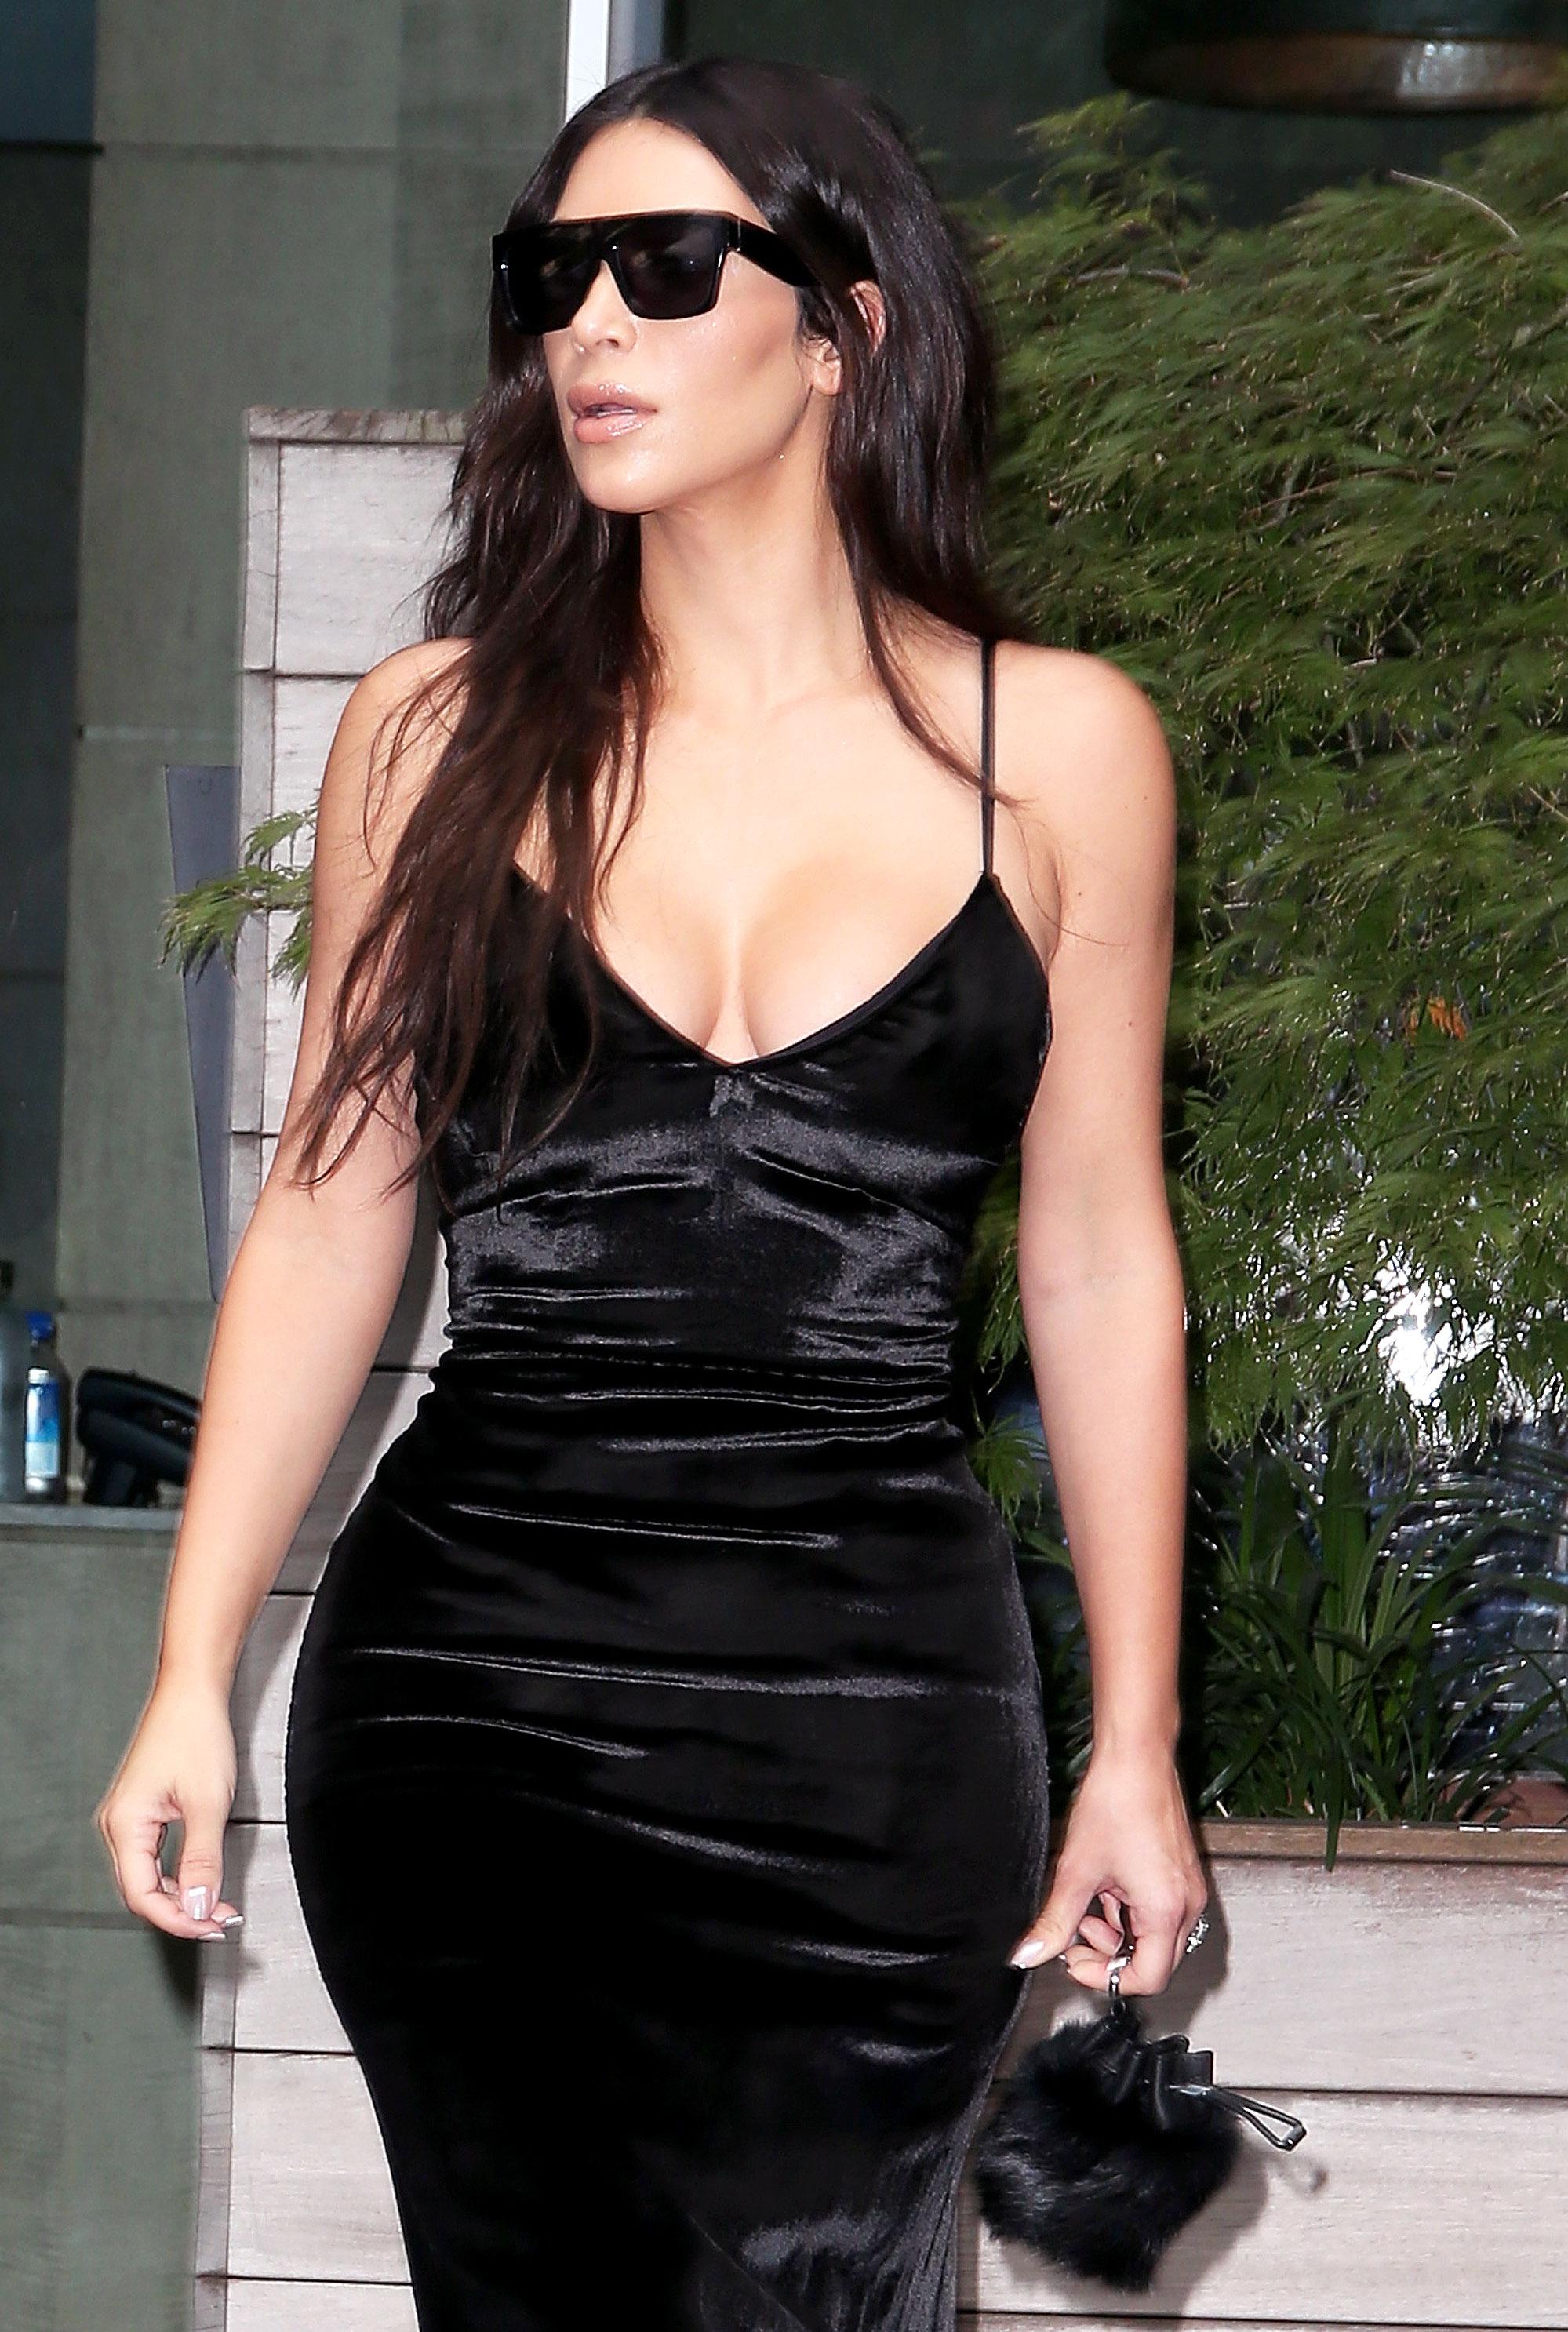 Kim K. Wears Summertime Velvet Dress With Snakeskin Boots: Photos